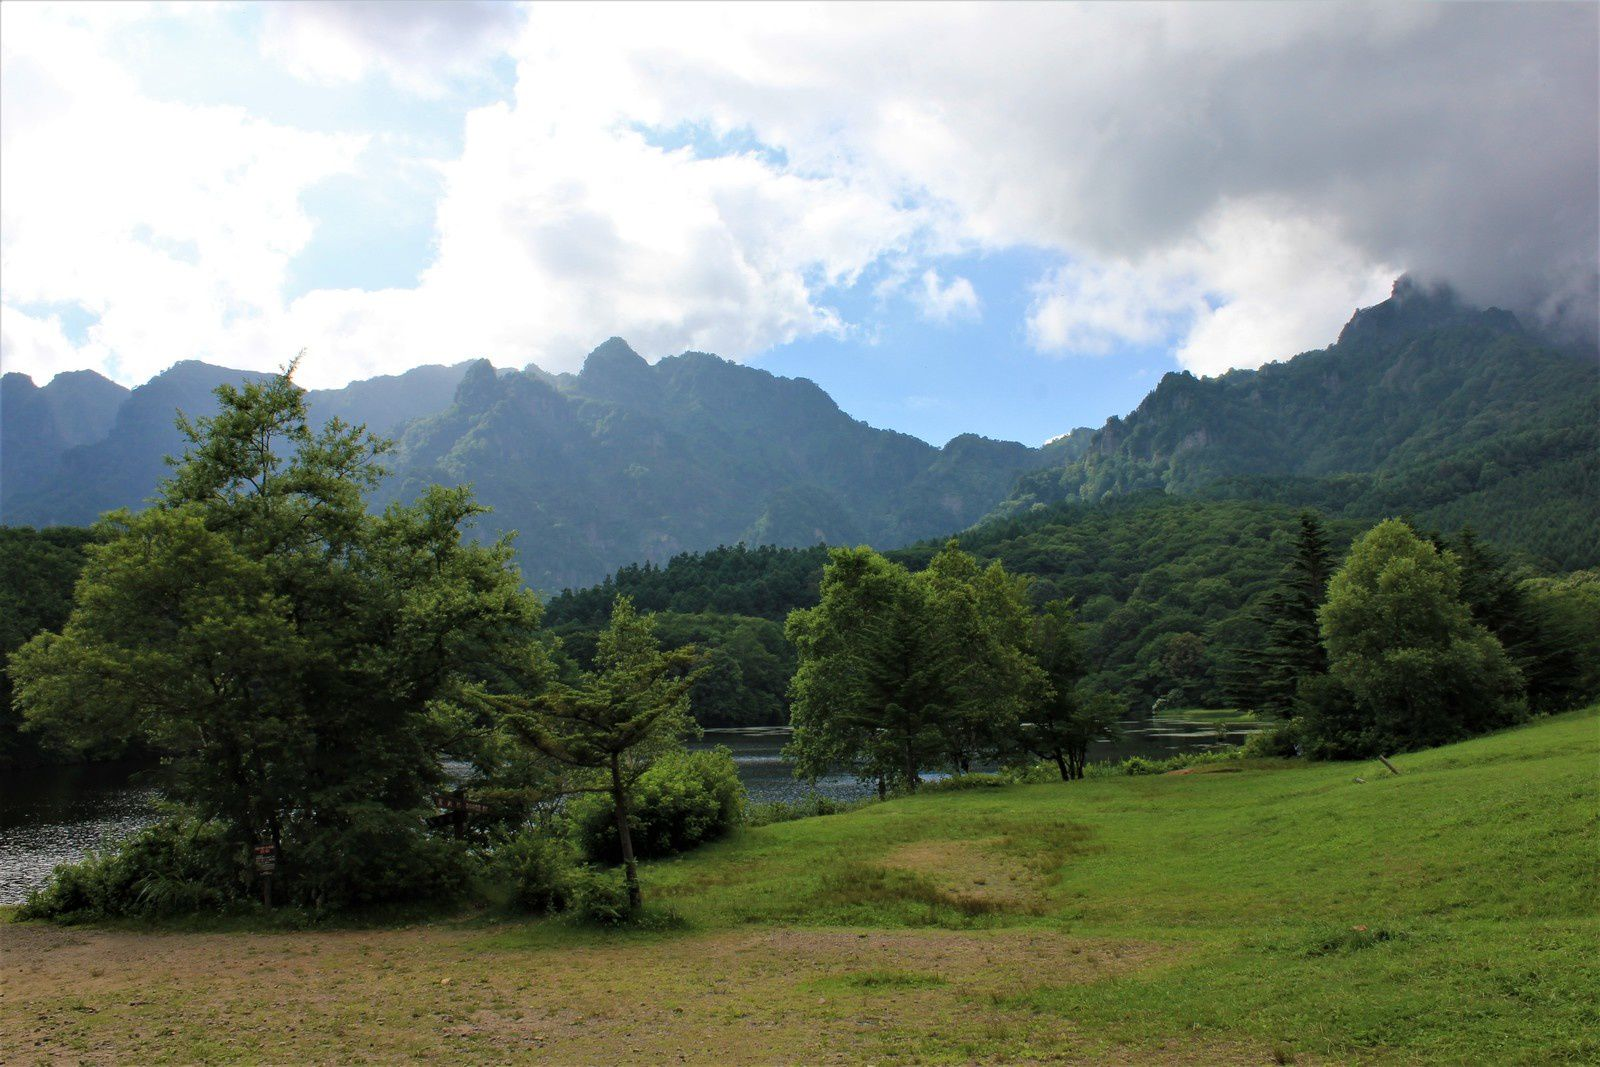 Le petit lac 'miroir': Kagami-ike à Togakushi